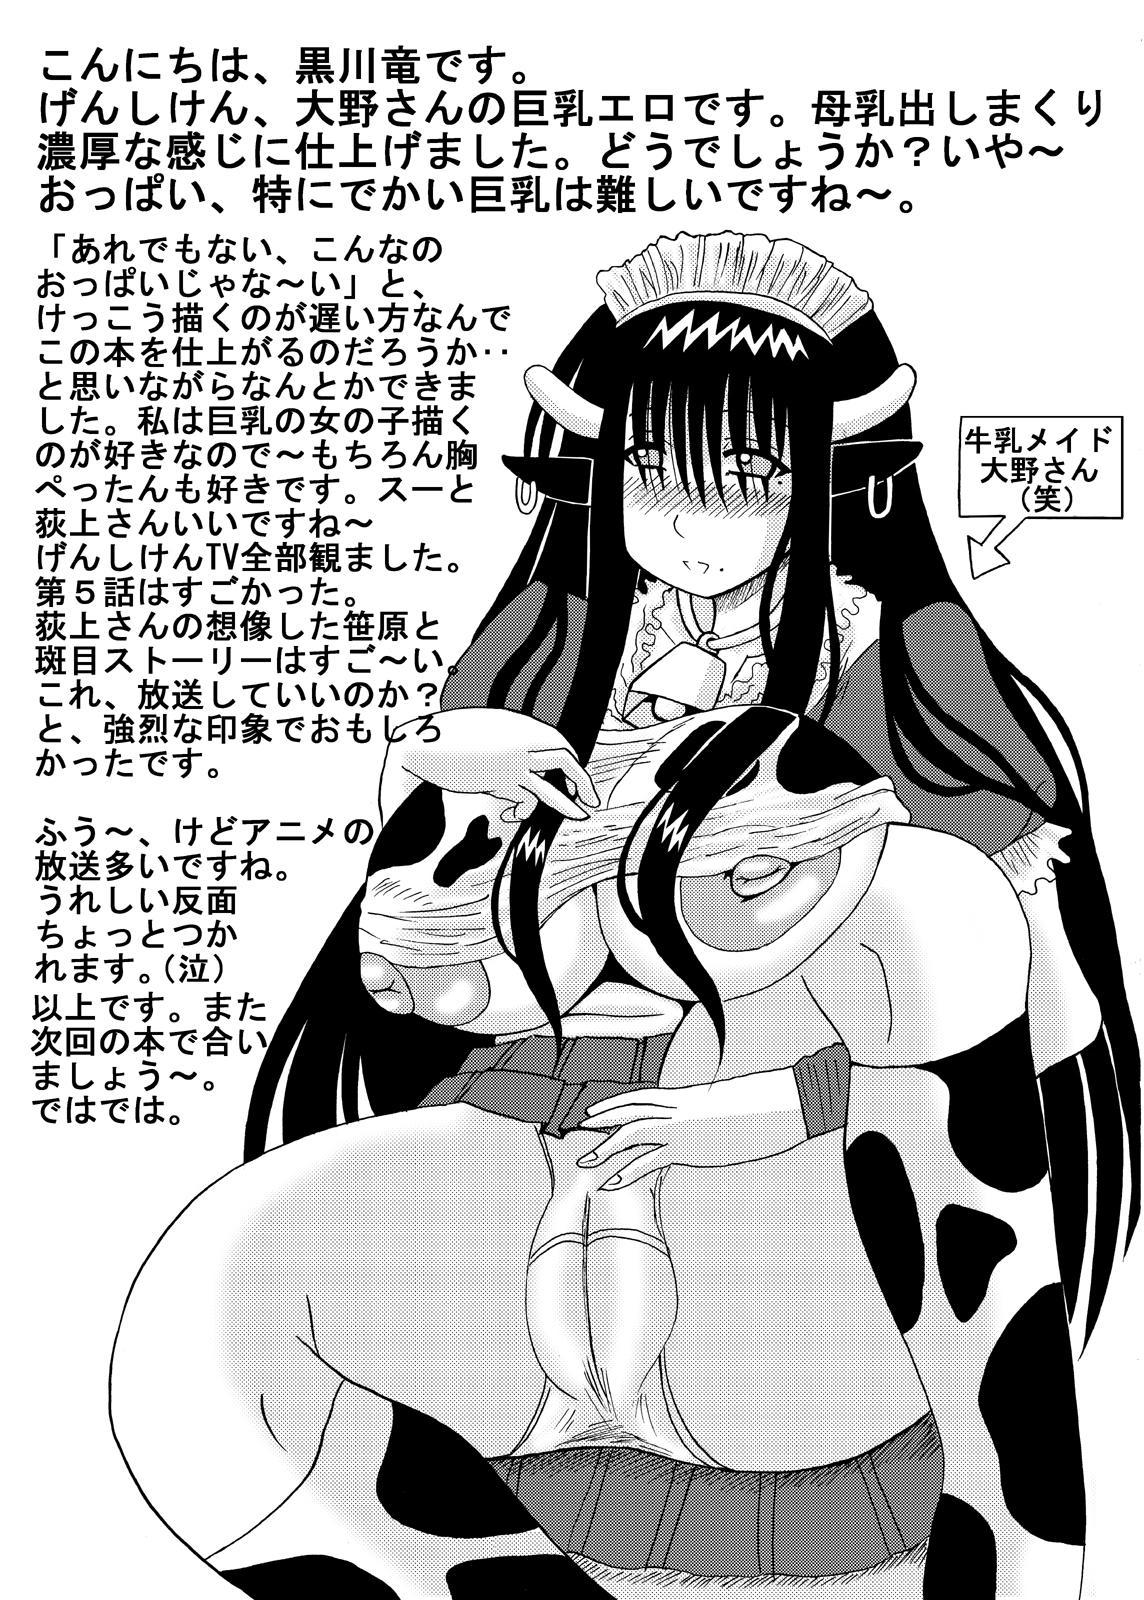 Bakunyuu Bishoujo Yorozu Hon Set 94